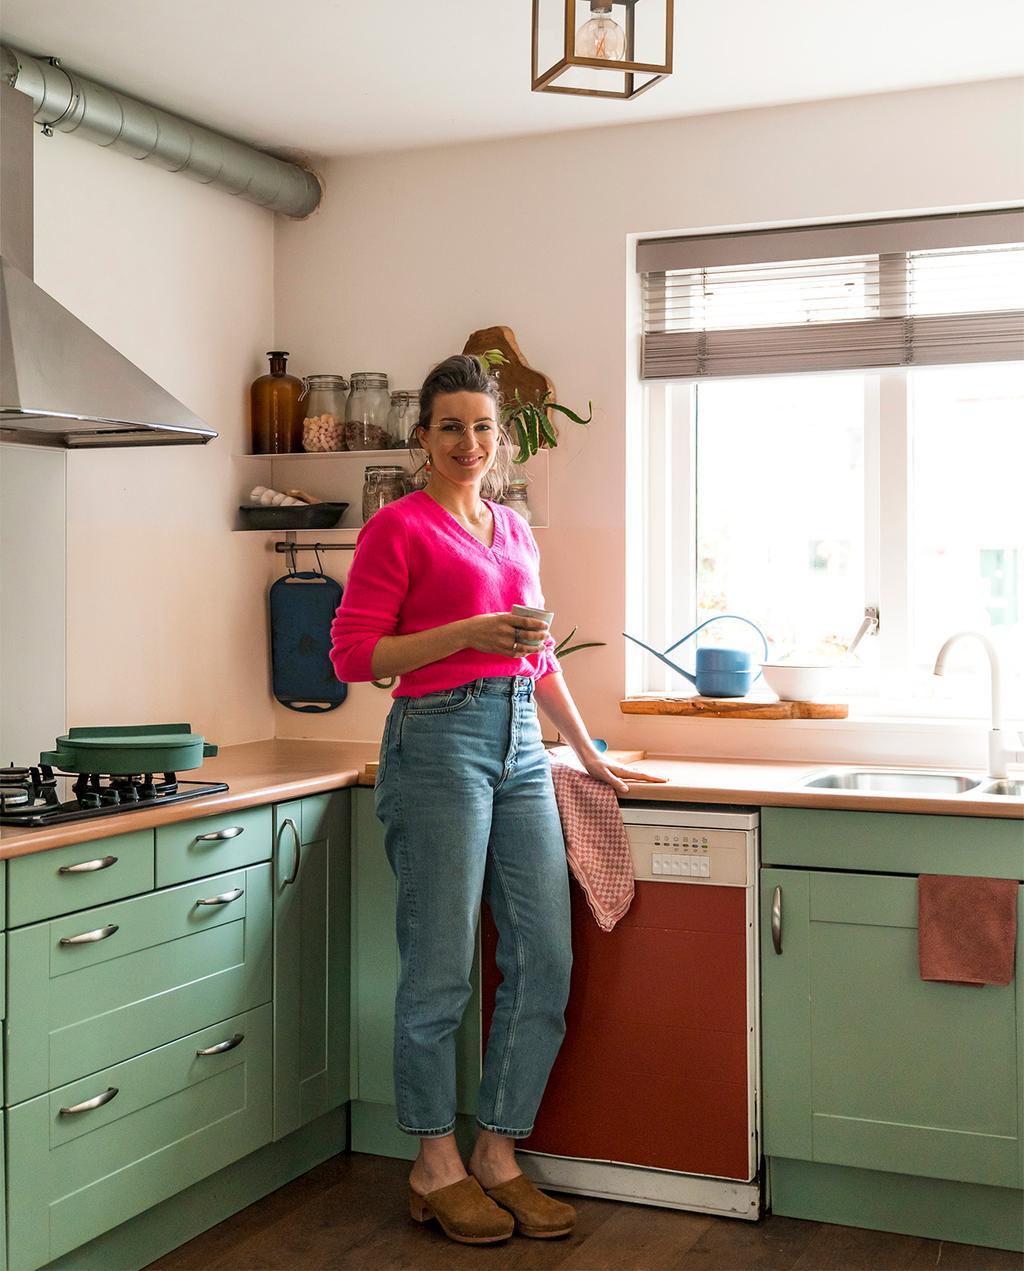 vtwonen 07-2021 | kleurrijke keuken van Esther met een rode vaatwasser